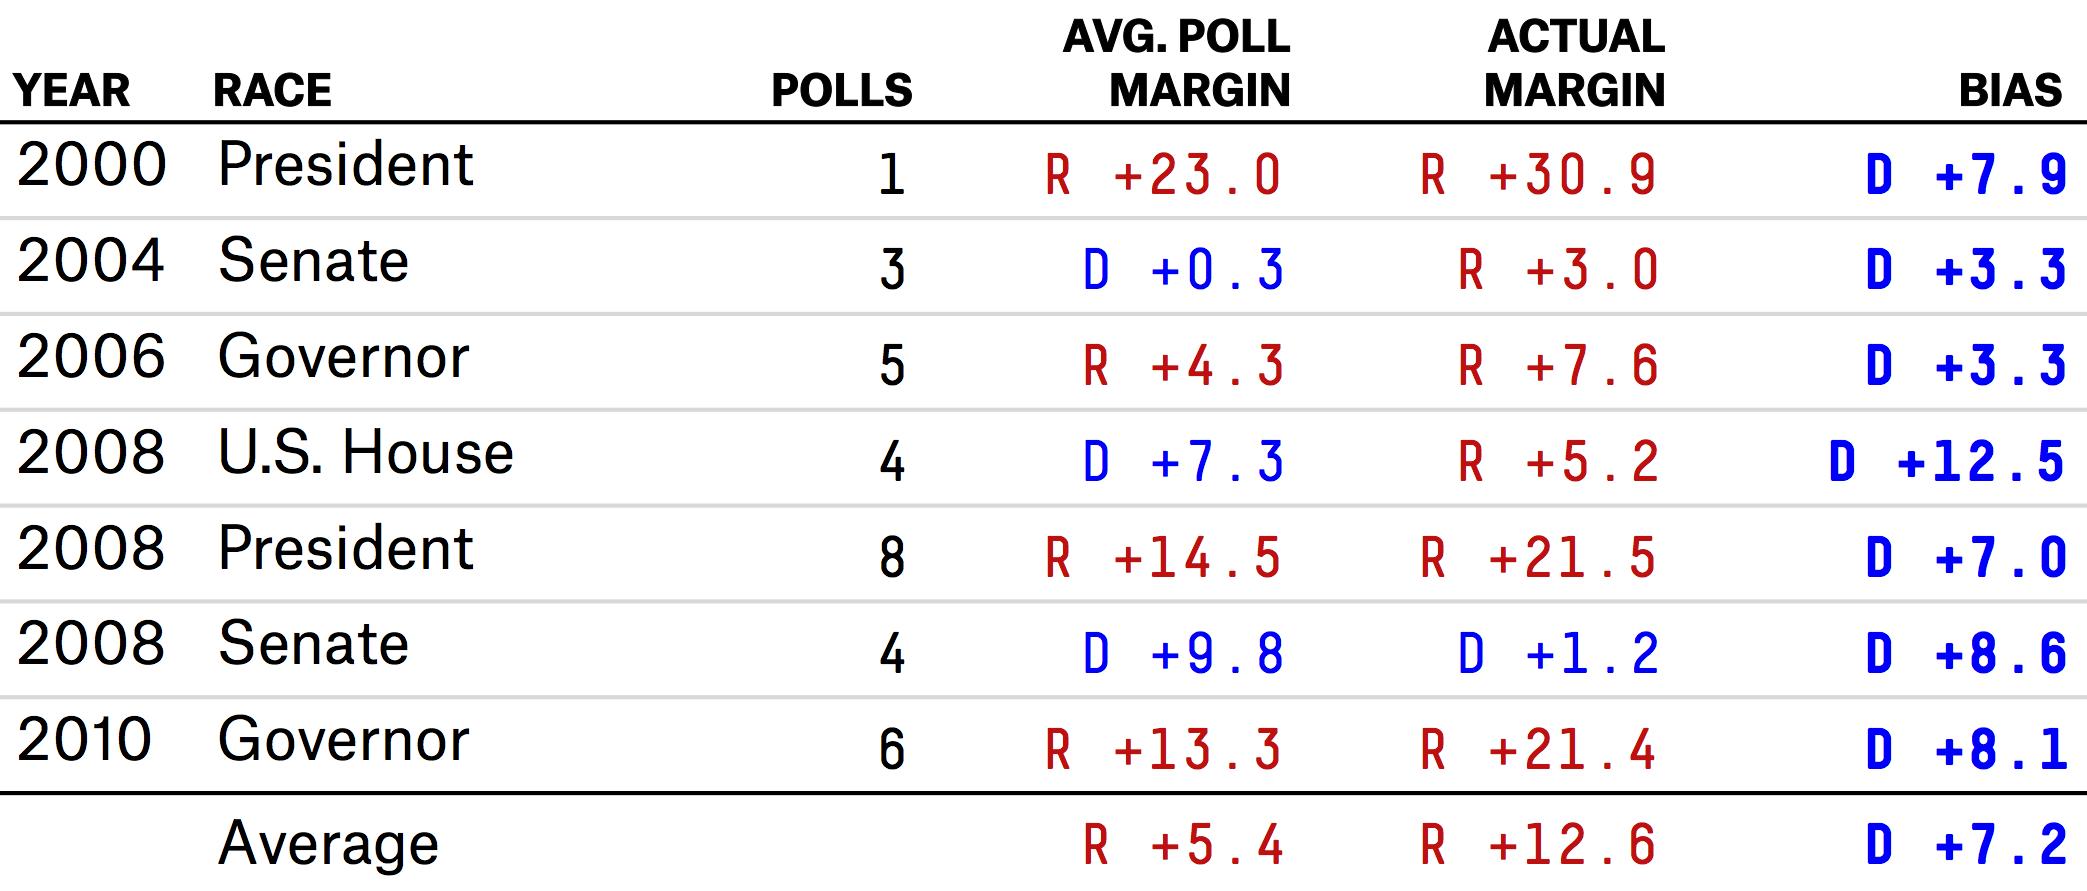 AK_polls2